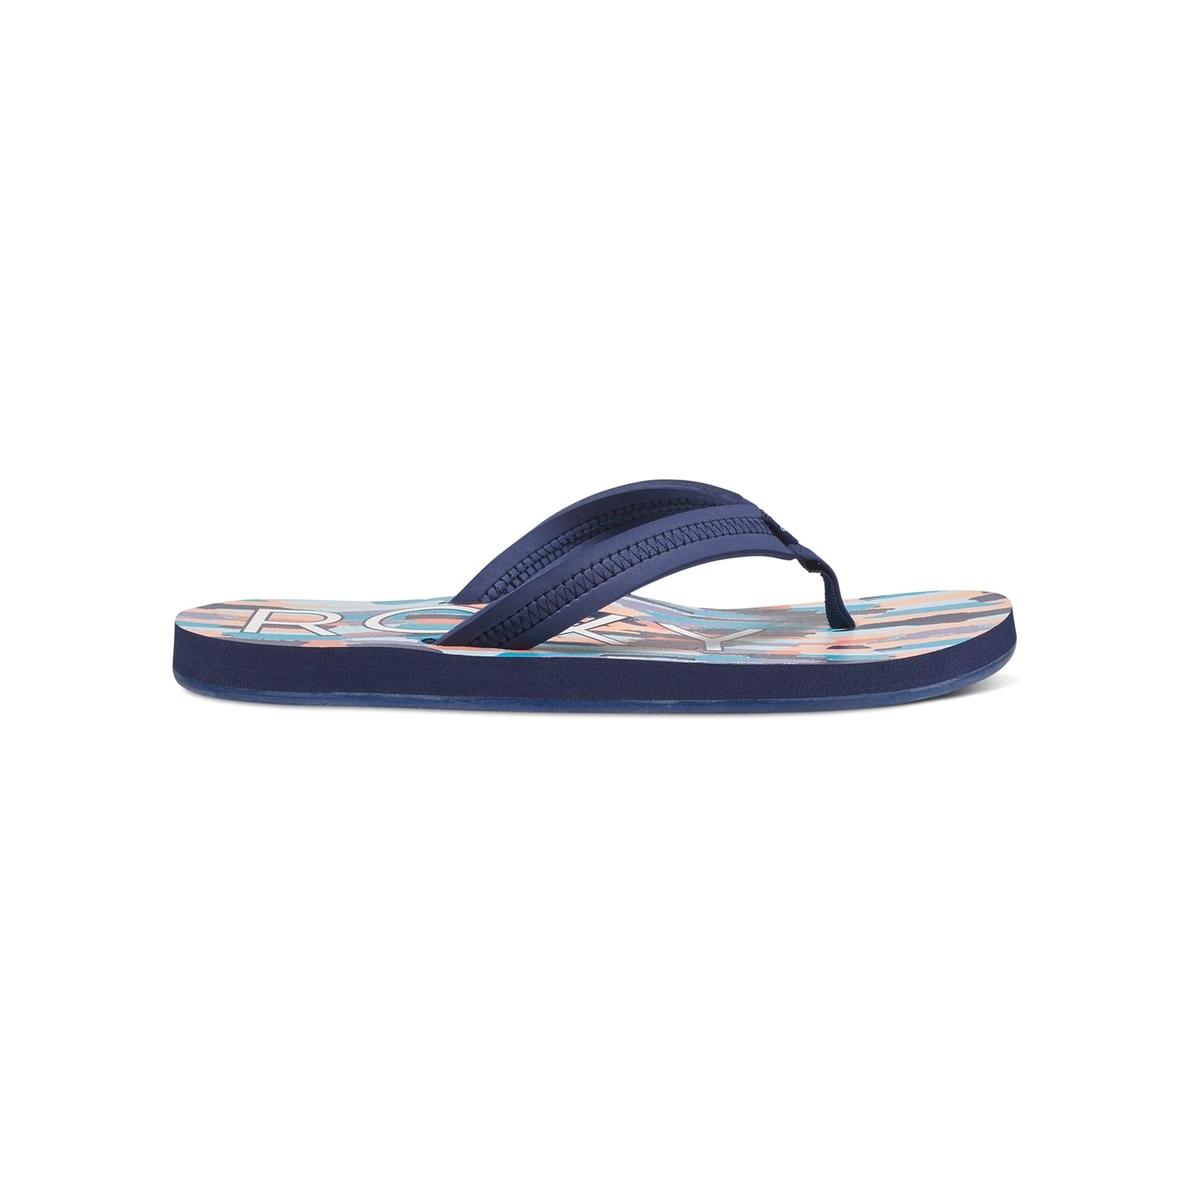 Вьетнамки VistaВерх : синтетика   Подошва : каучук   Форма каблука : плоский каблук   Мысок : открытый мысок   Застежка : без застежки<br><br>Цвет: темно-синий